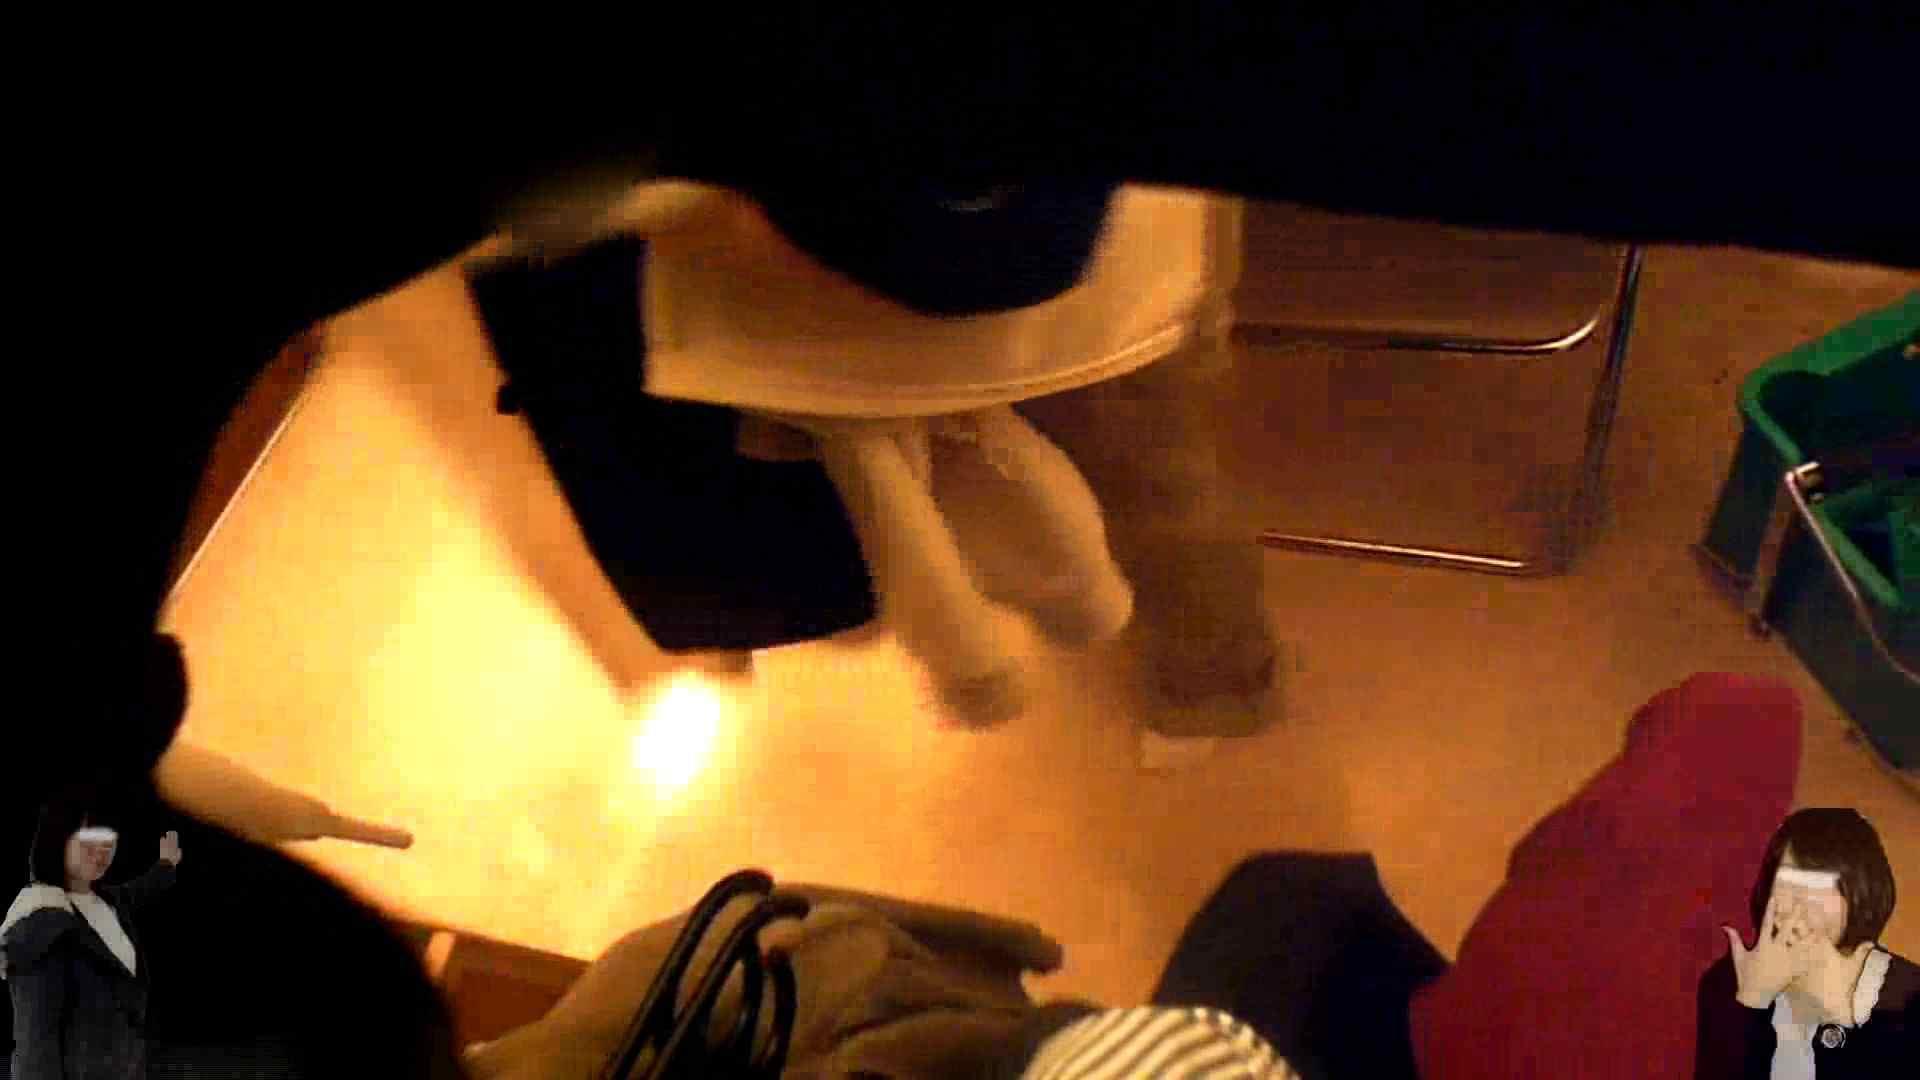 素人投稿 現役「JD」Eちゃんの着替え Vol.05 素人丸裸 おめこ無修正動画無料 78pic 75